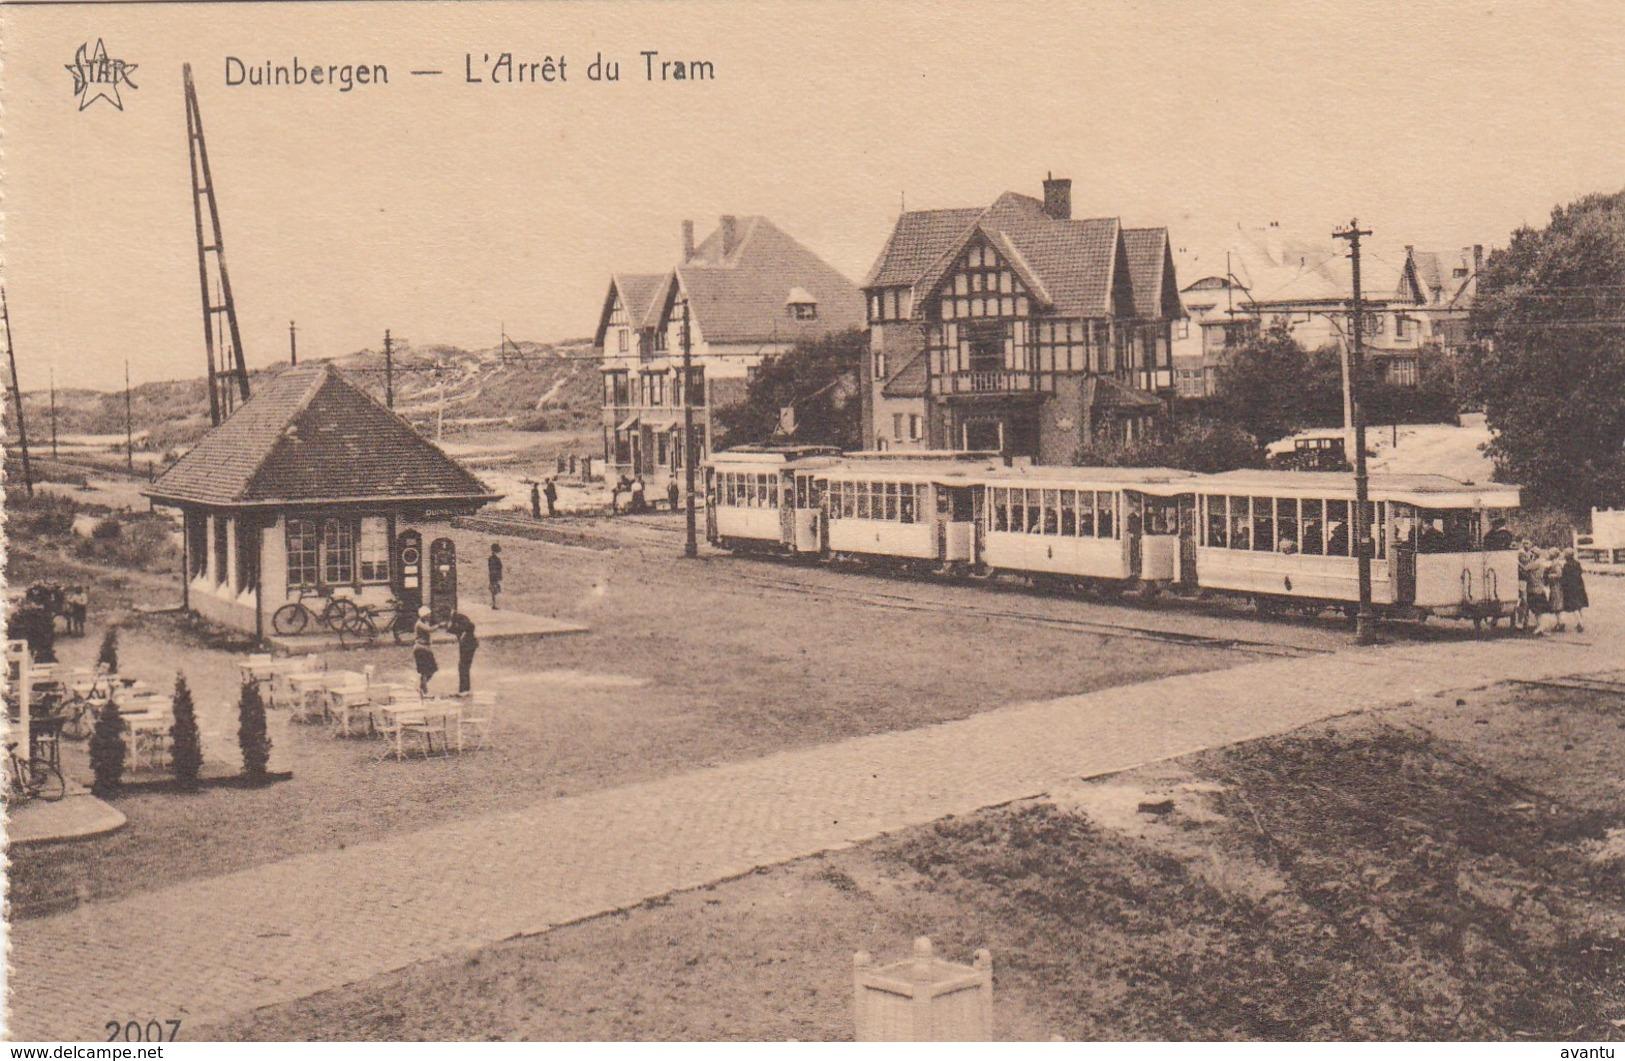 DUINBERGEN / TRAMHALTE / ARRET DU TRAM / TRAM /  TRAMWAYS - Knokke